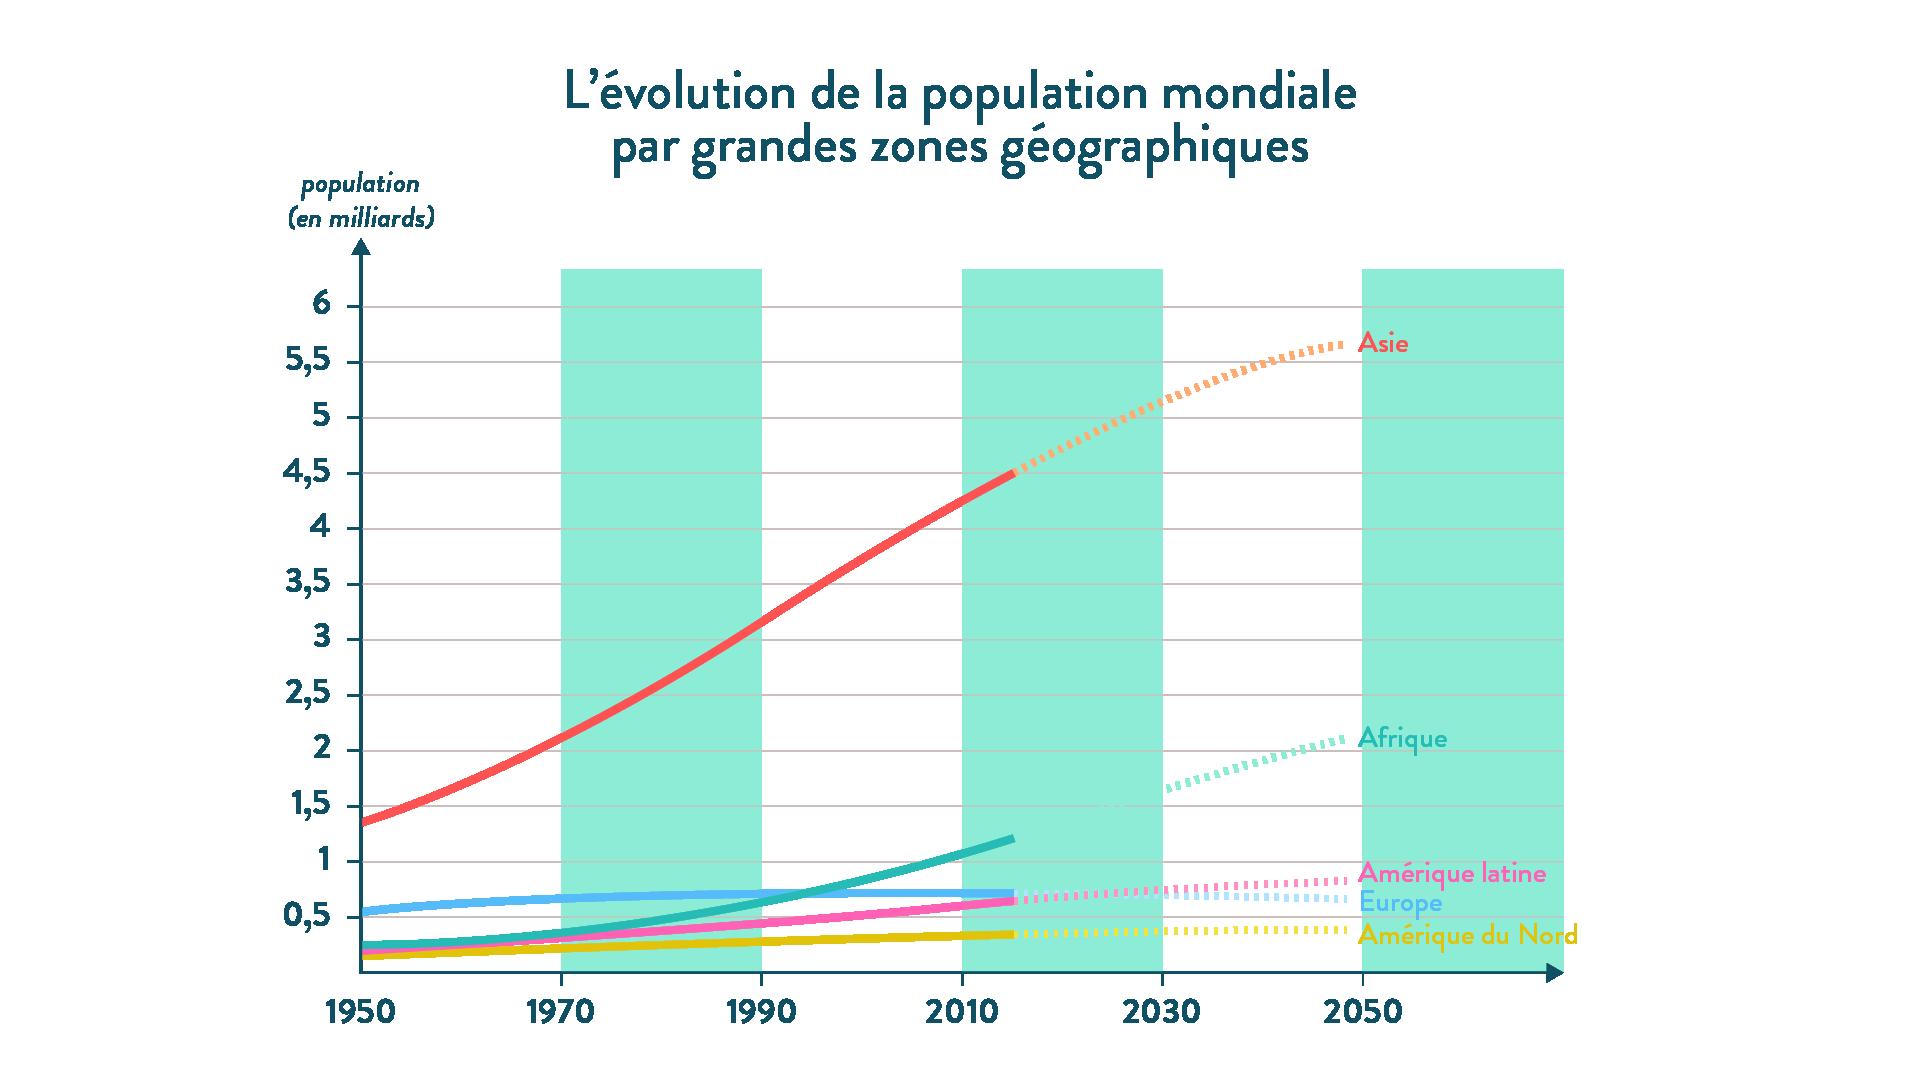 6e-géographie-SchoolMouv - L'évolution de la population mondiale par grandes zones géographiques